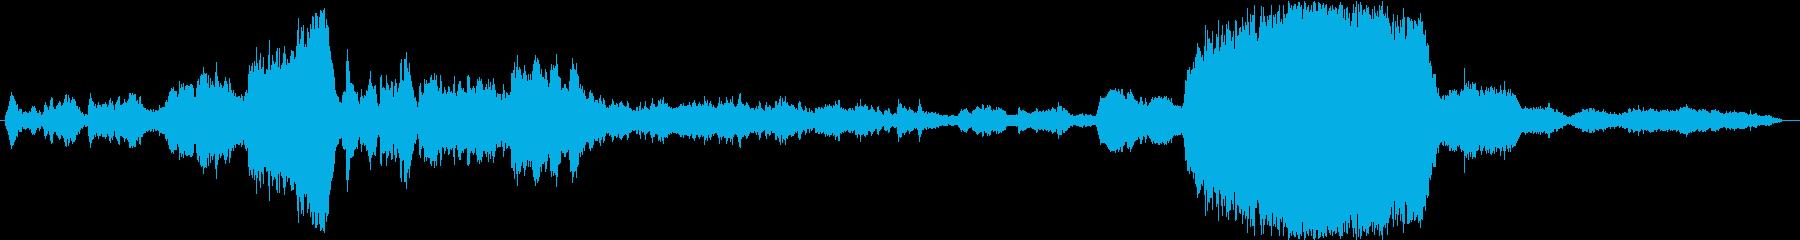 【ファンタジー】 壮大 かわいい 不思議の再生済みの波形